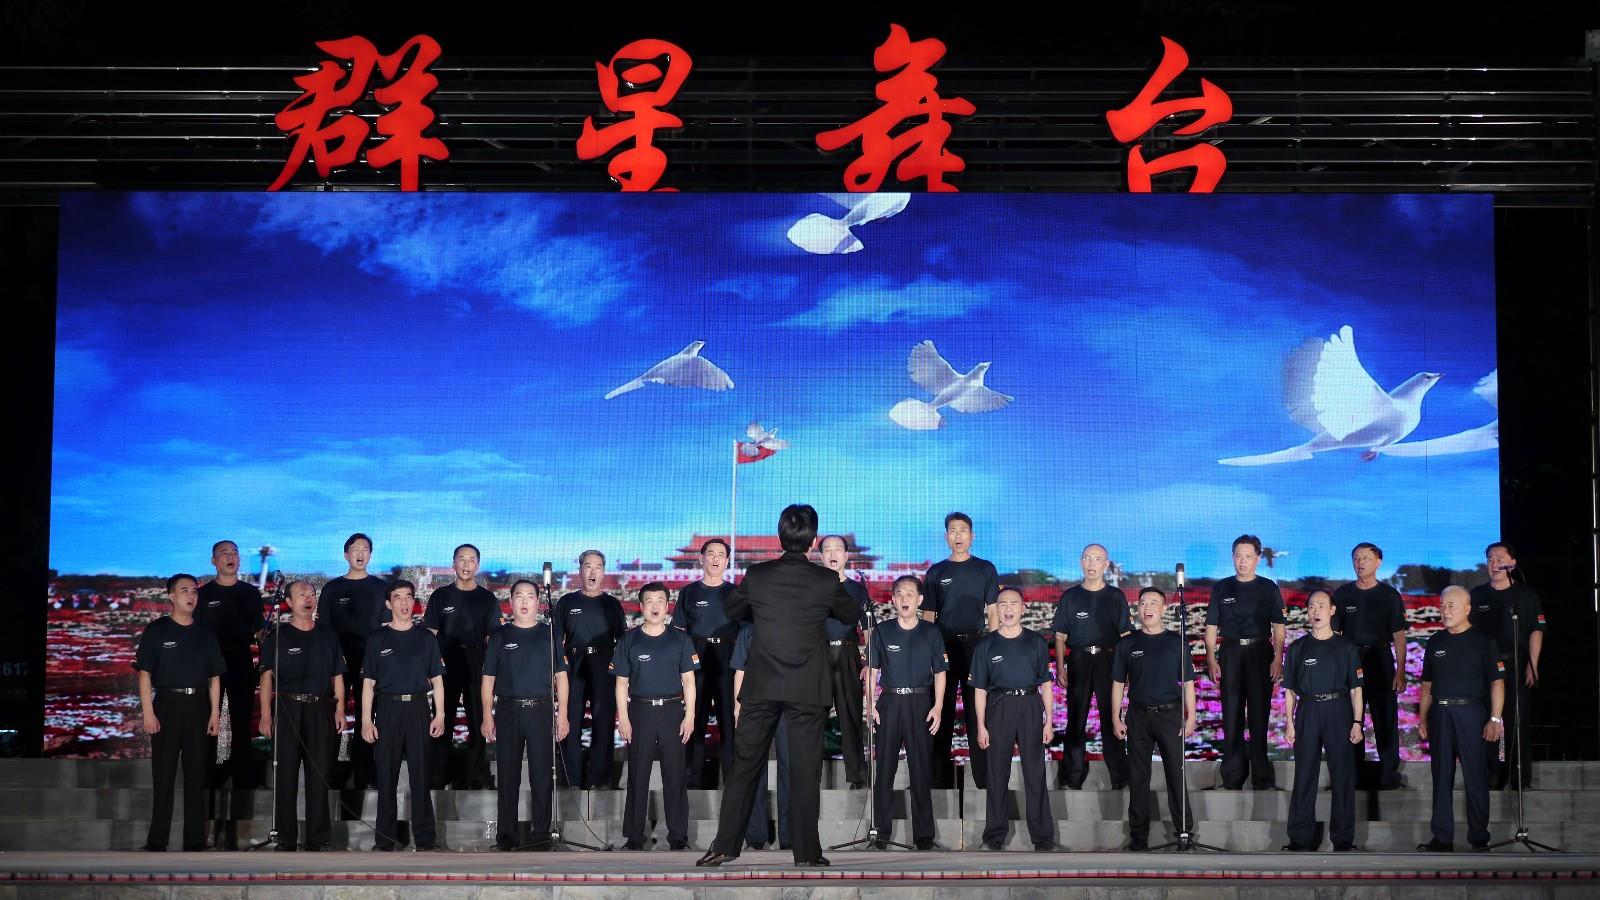 《我和我的祖国》《梅花端的种梅州》,男女声对唱《为了谁》,二胡独奏